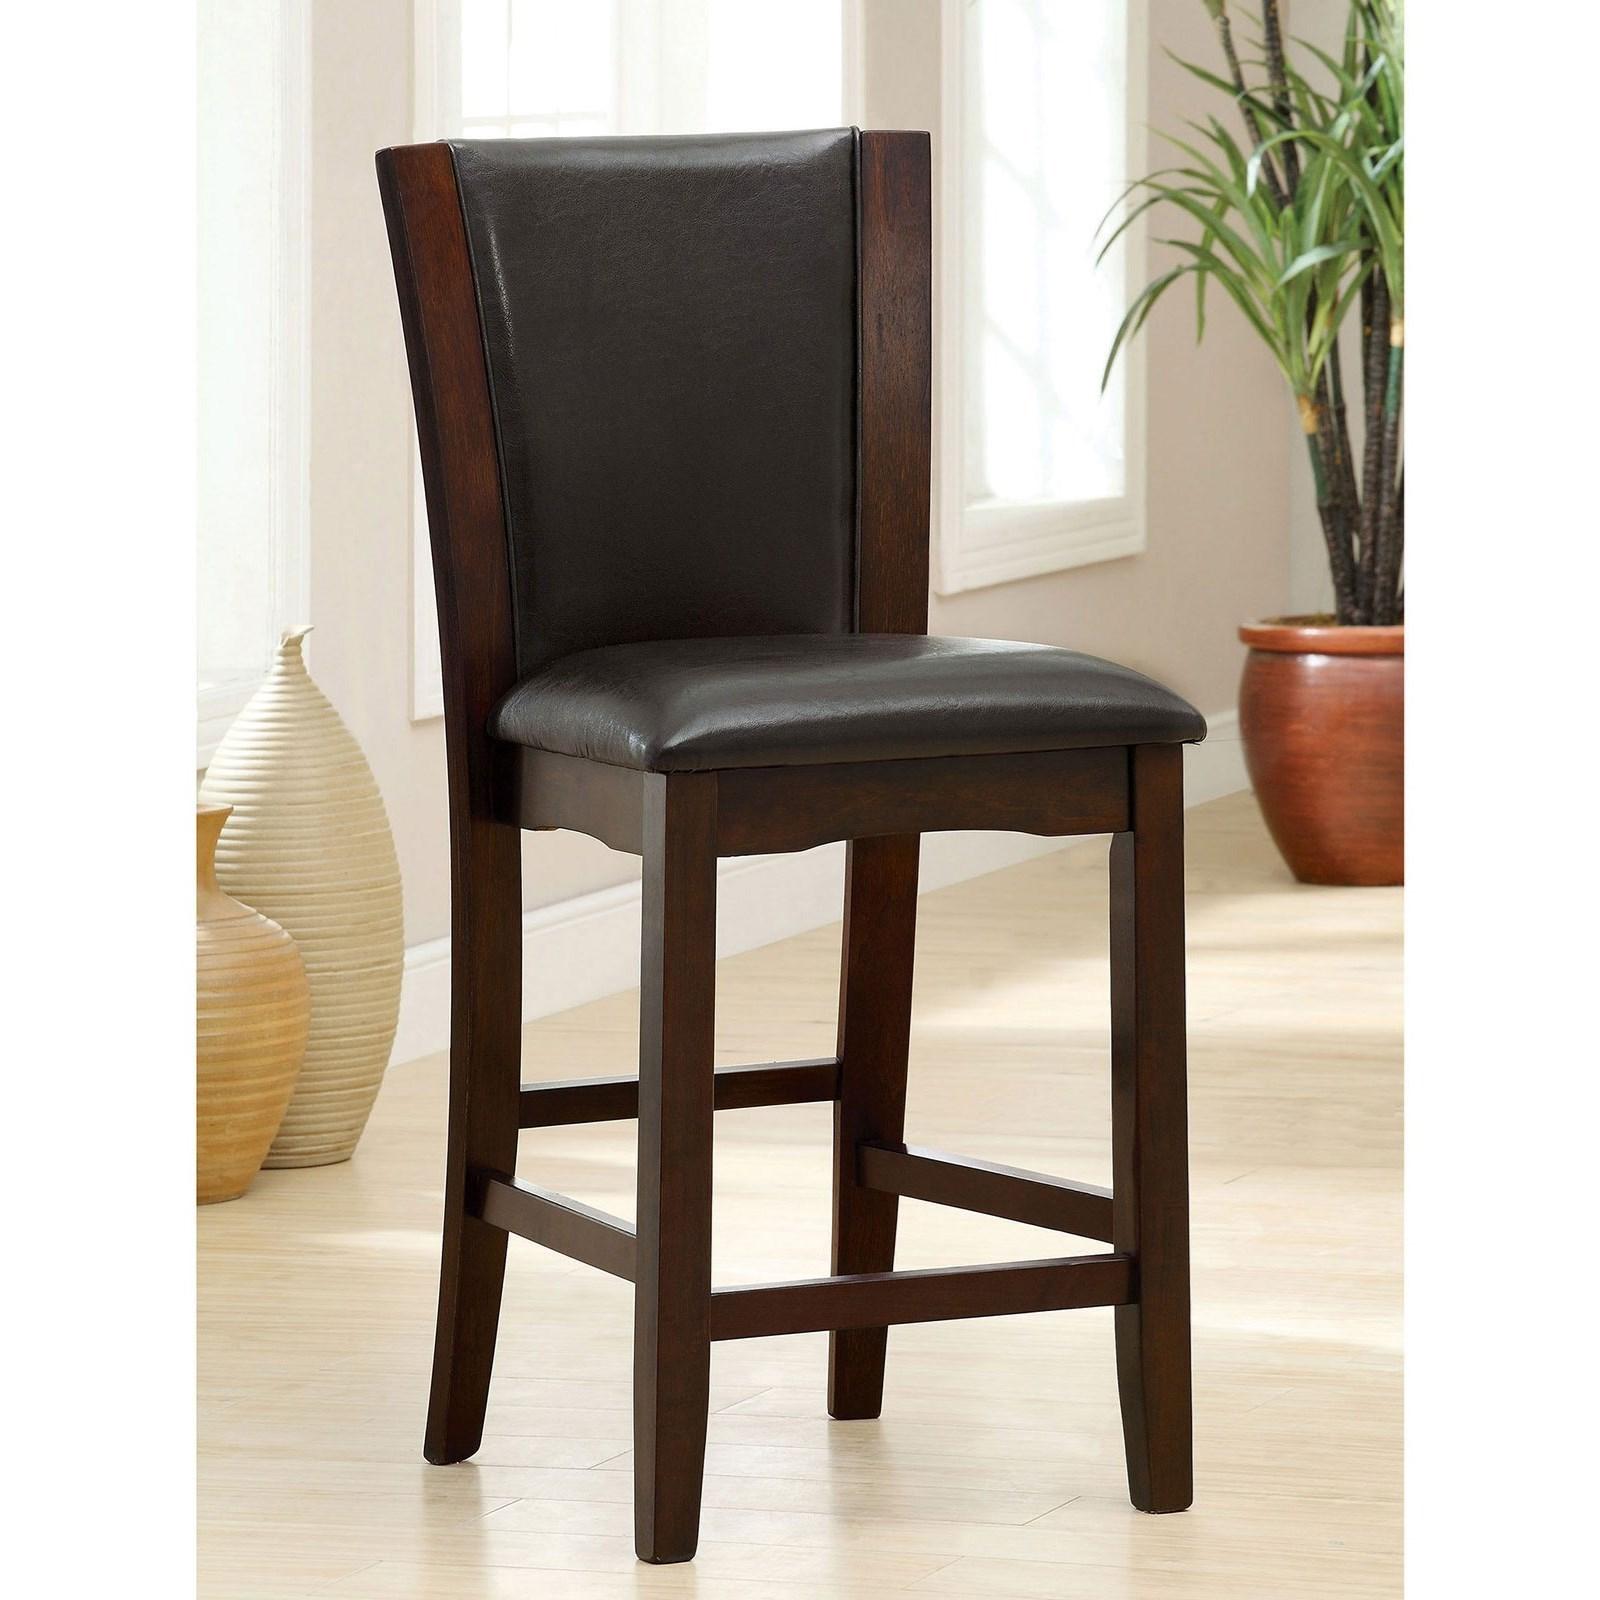 Excellent Manhattan Iii Set Of 2 Counter Height Chairs Inzonedesignstudio Interior Chair Design Inzonedesignstudiocom